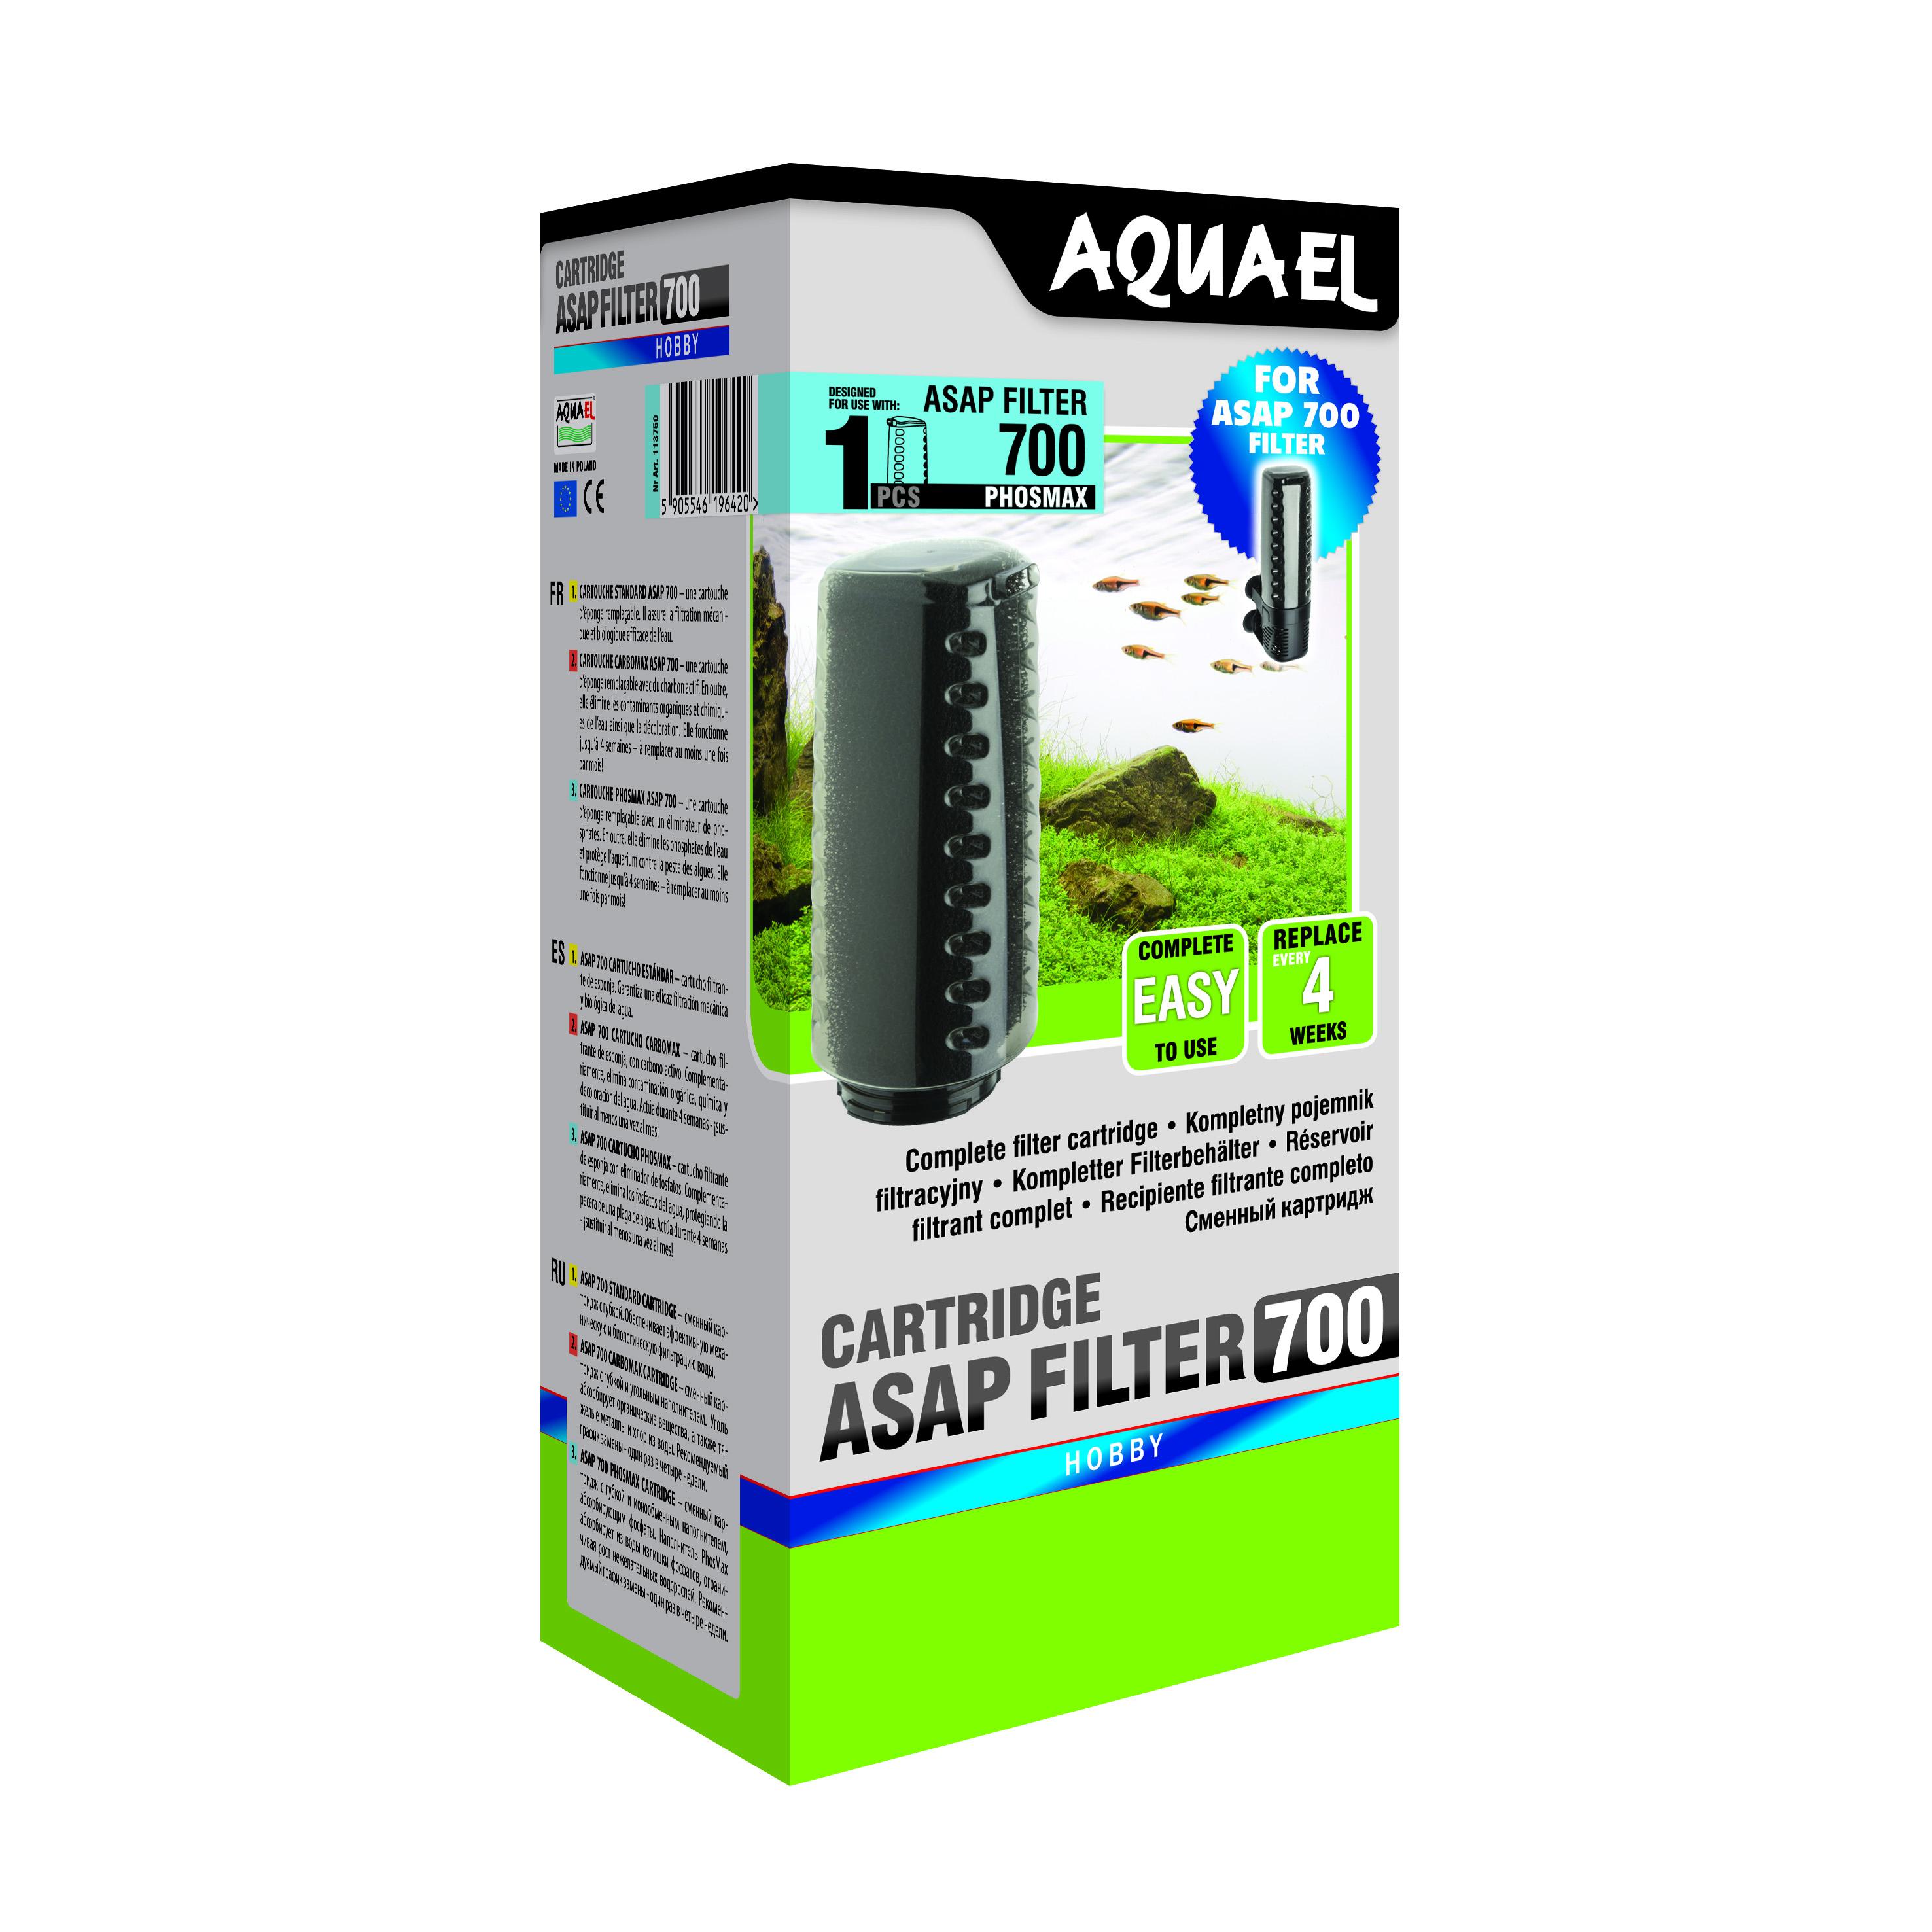 Wkłady gąbkowe do filtrów AQUAEL w nowej odsłonie!